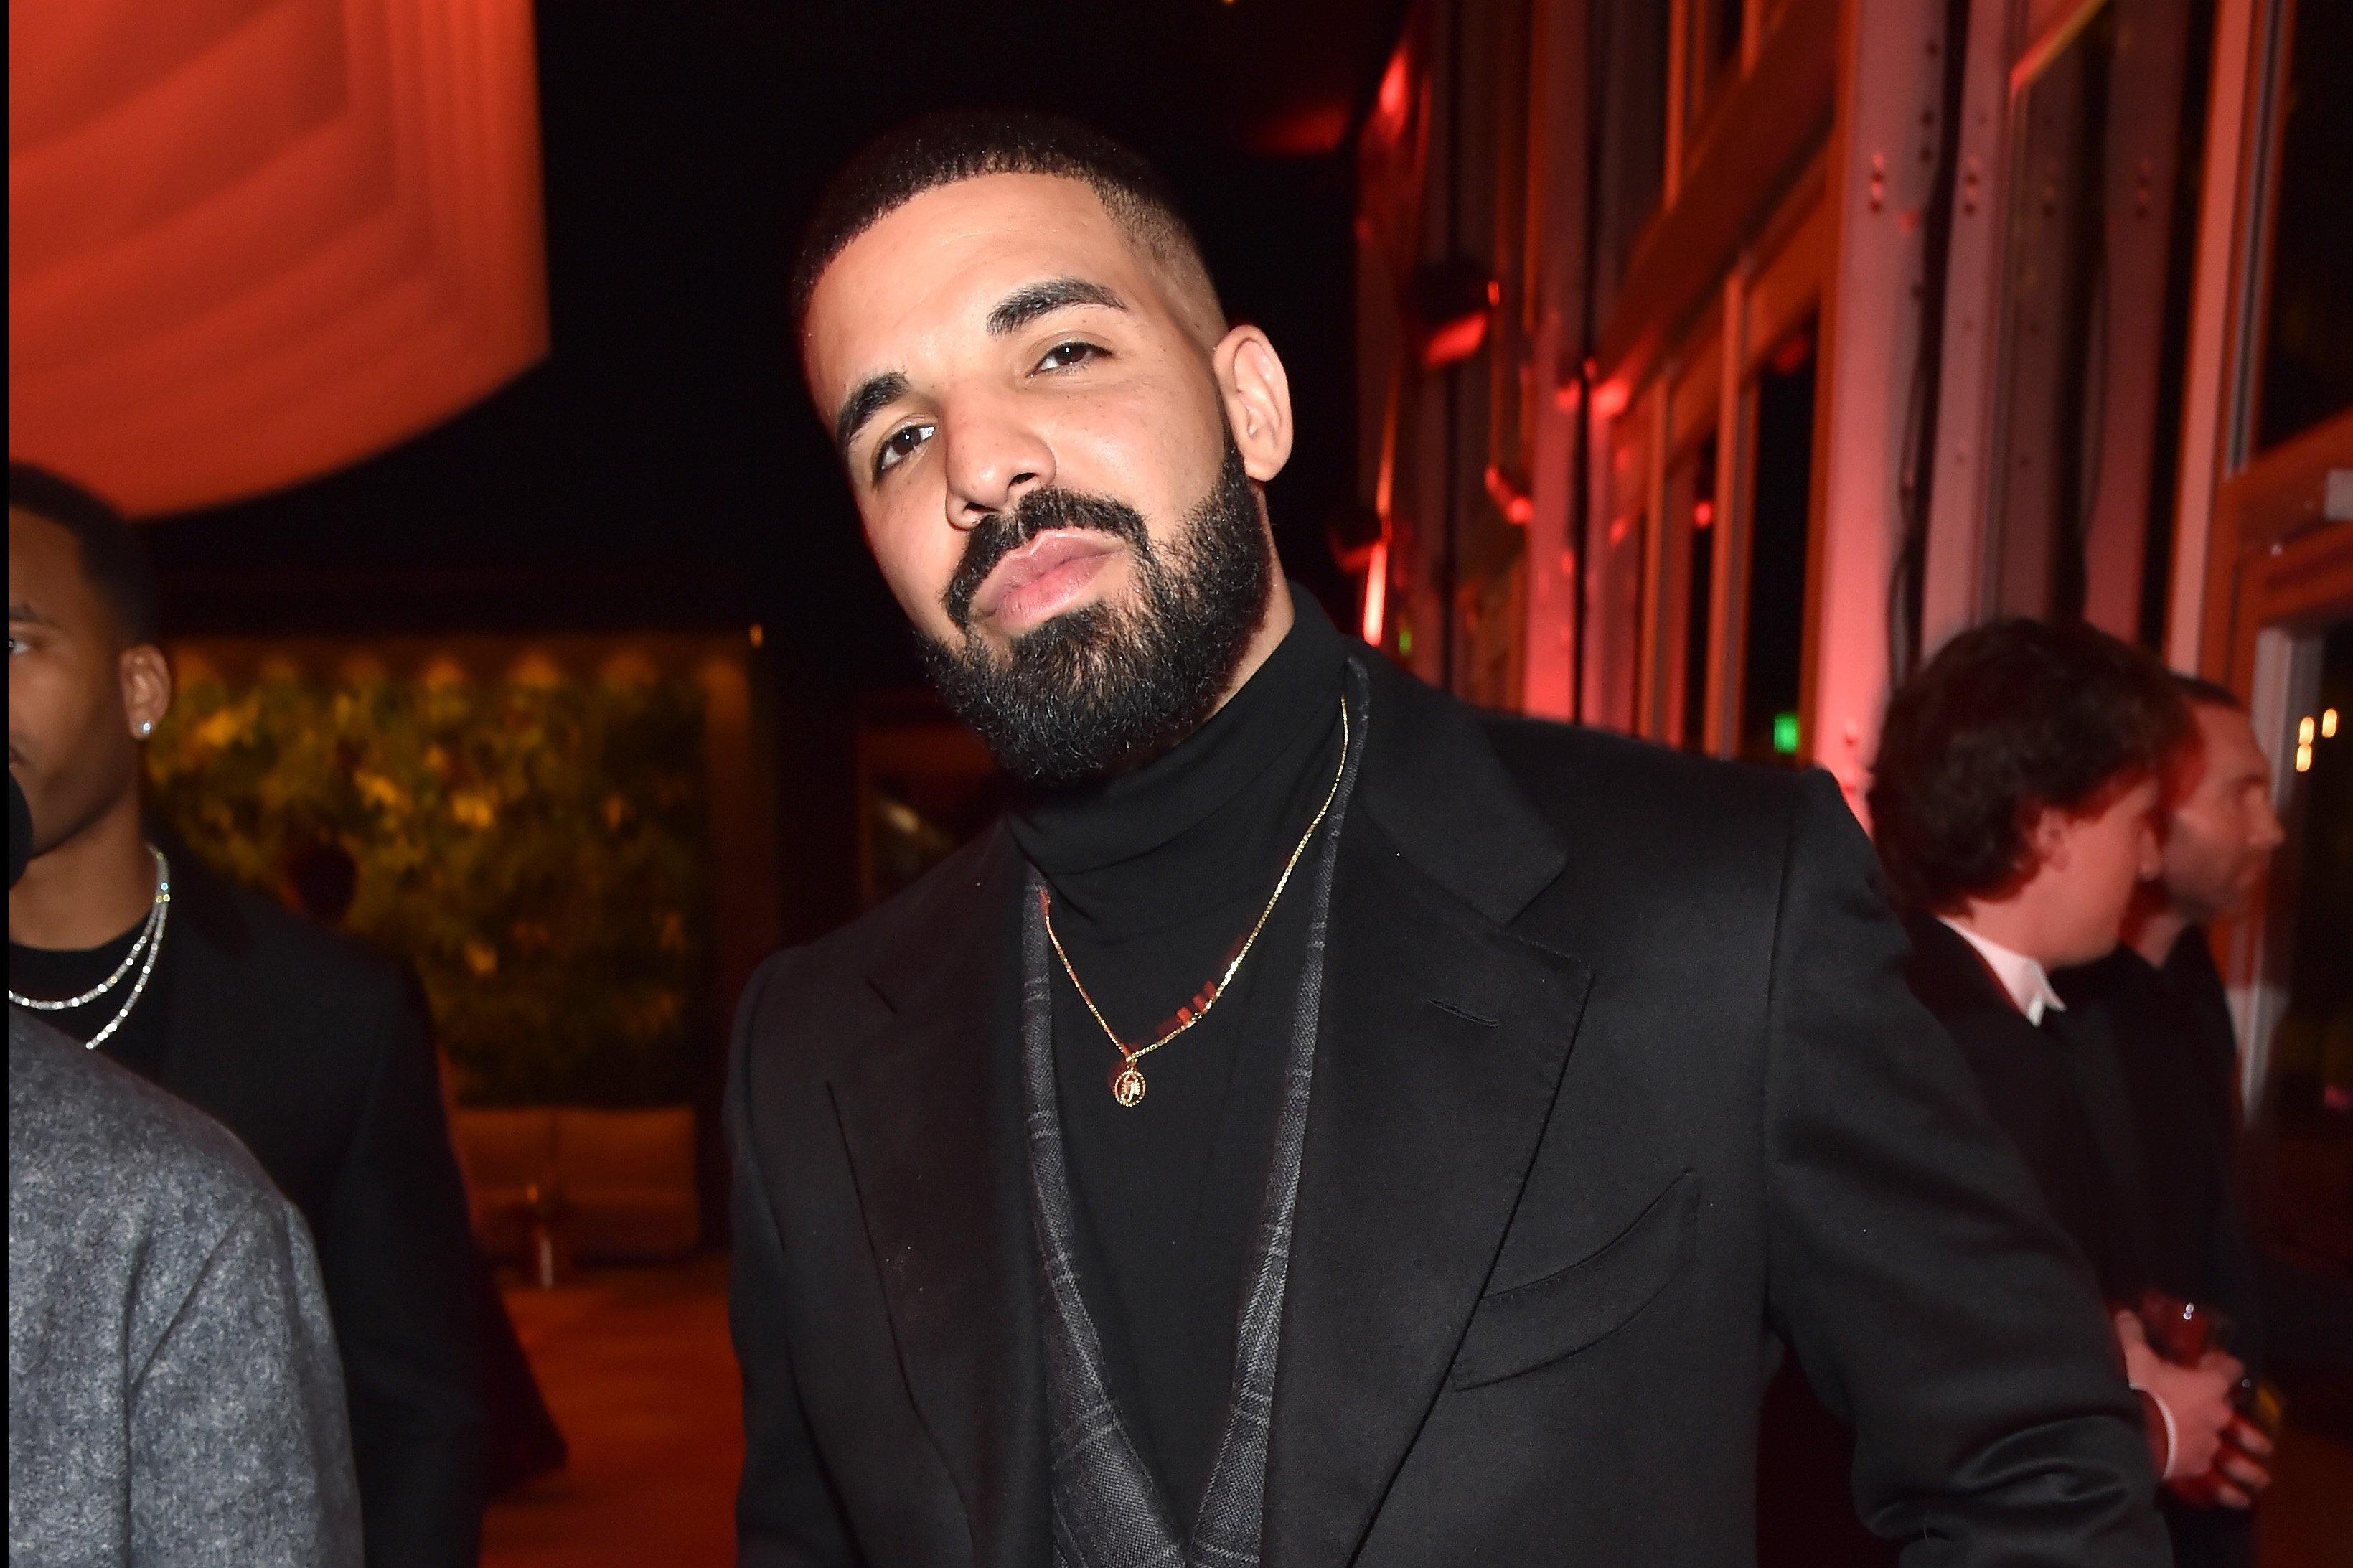 Kanadalı aktör ve müzisyen Drake, 7 farklı daldan aday gösterildi.